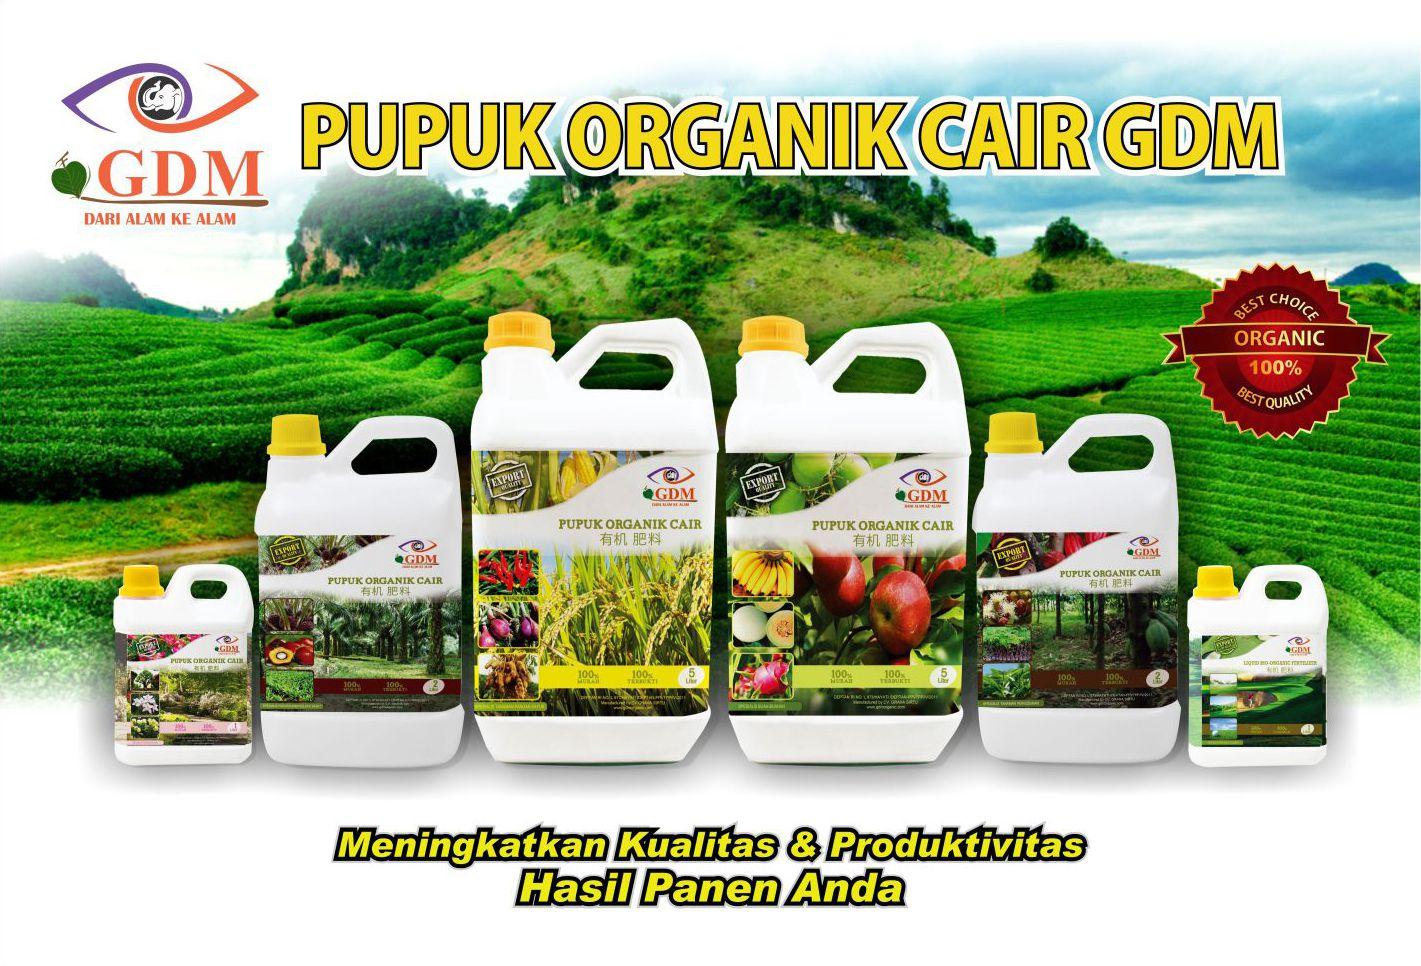 produk pupuk organik cair gdm